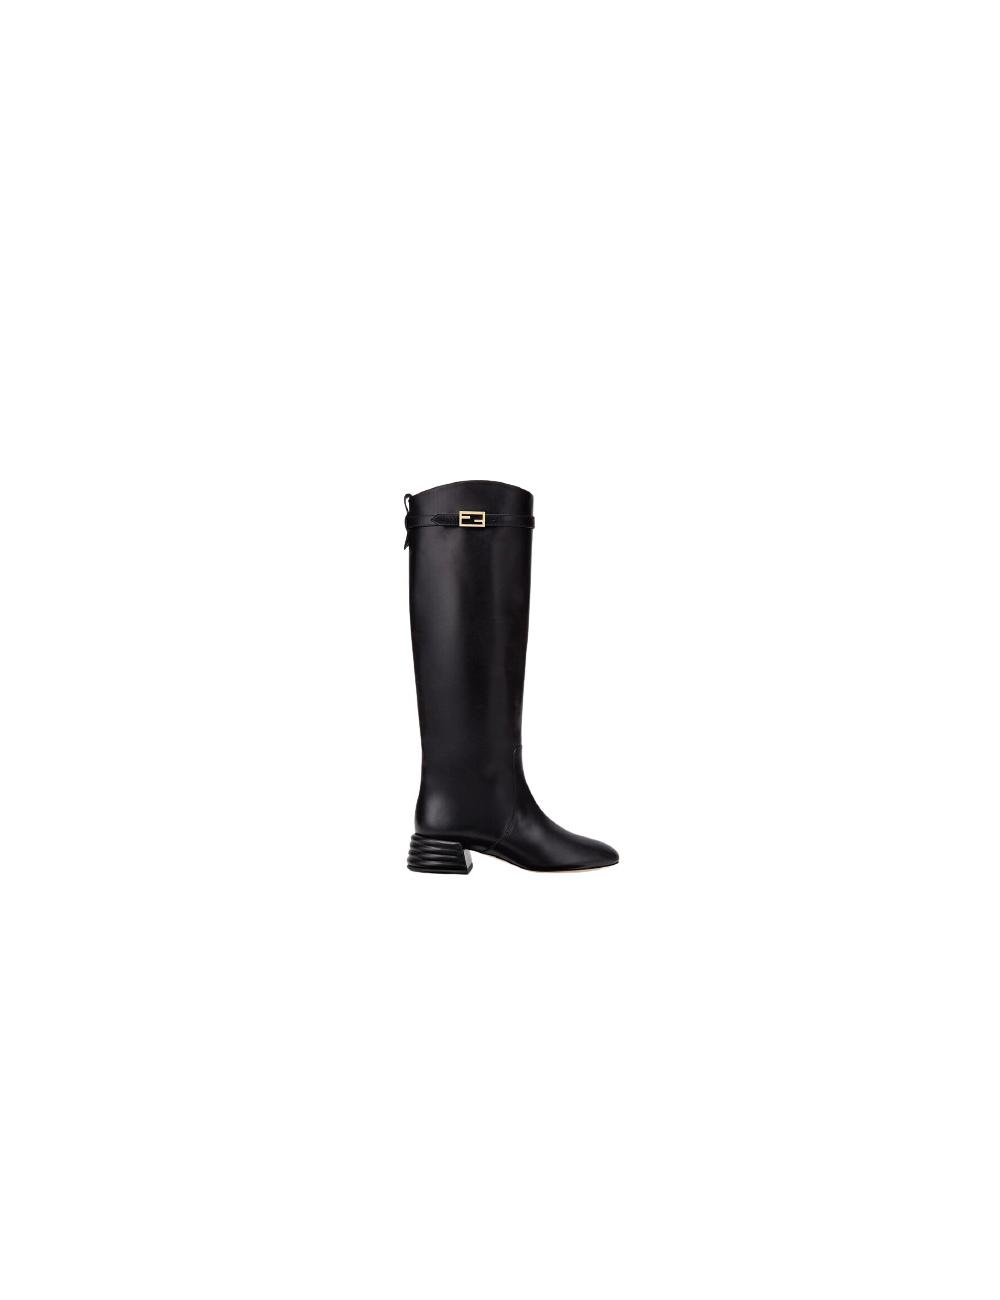 walker boots Fendi - BIG BOSS MEGEVE